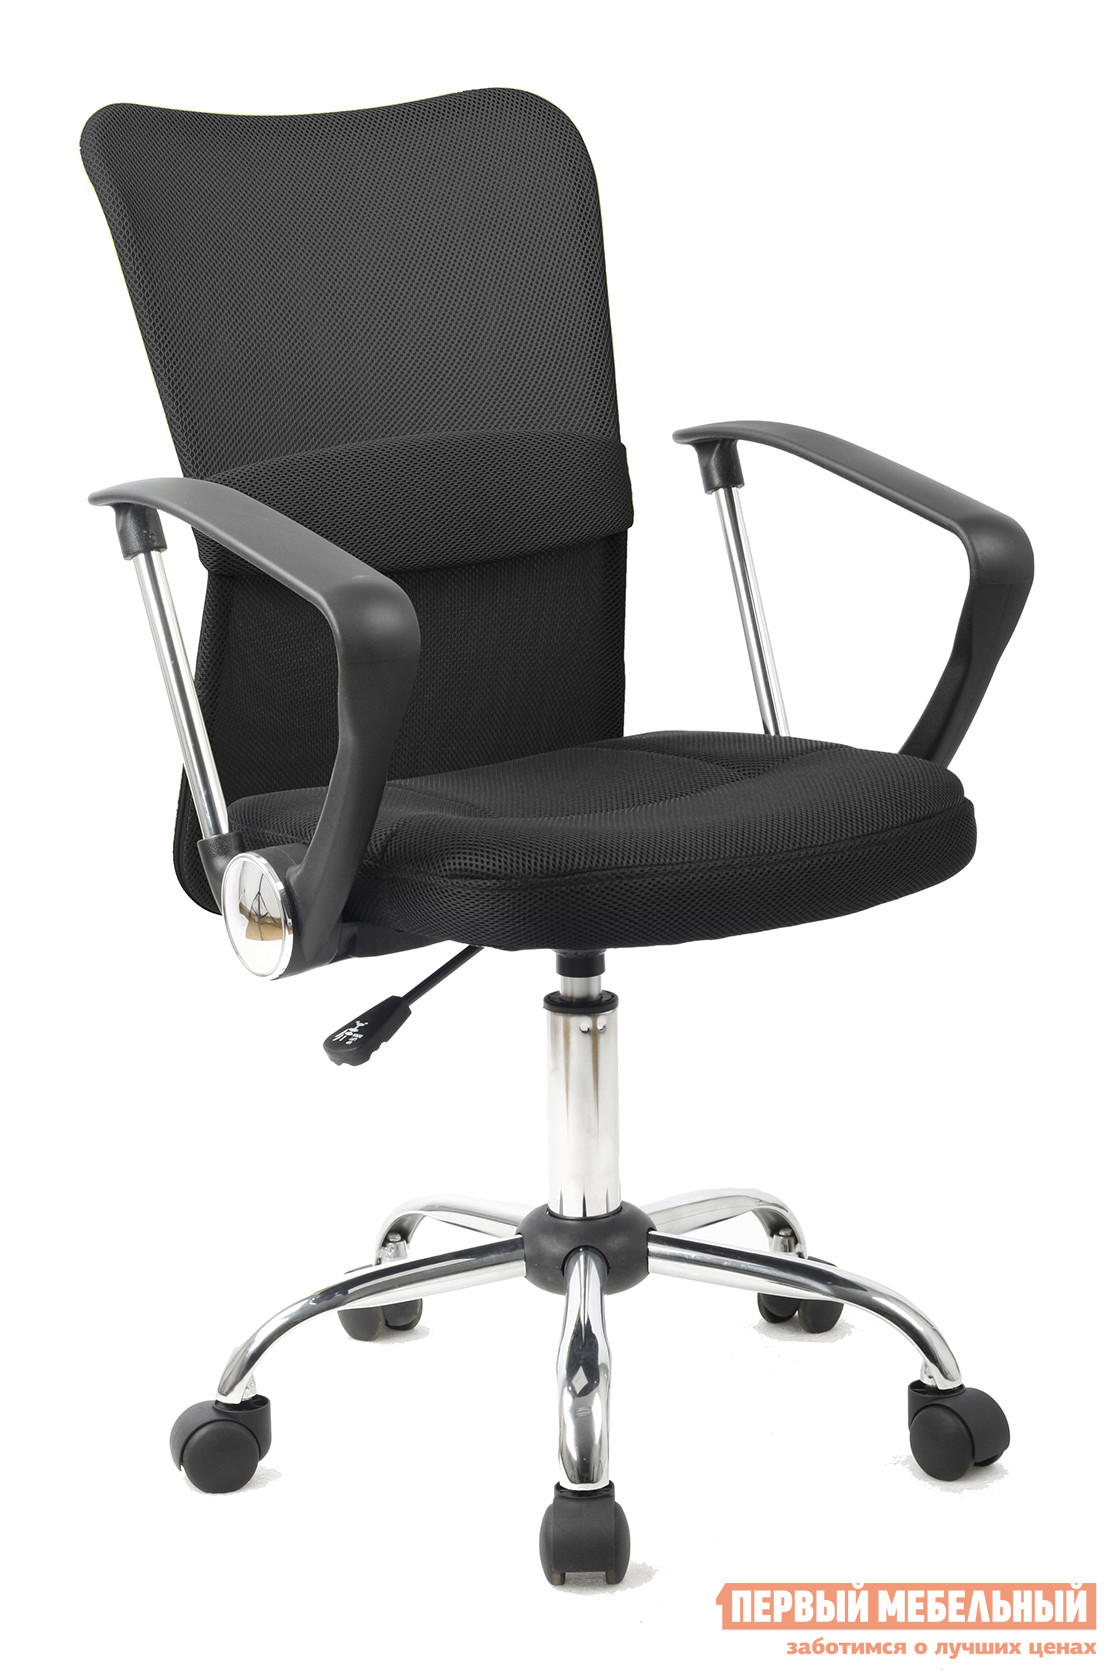 Кресло для офиса College H-298FA-1-2 Черный от Купистол